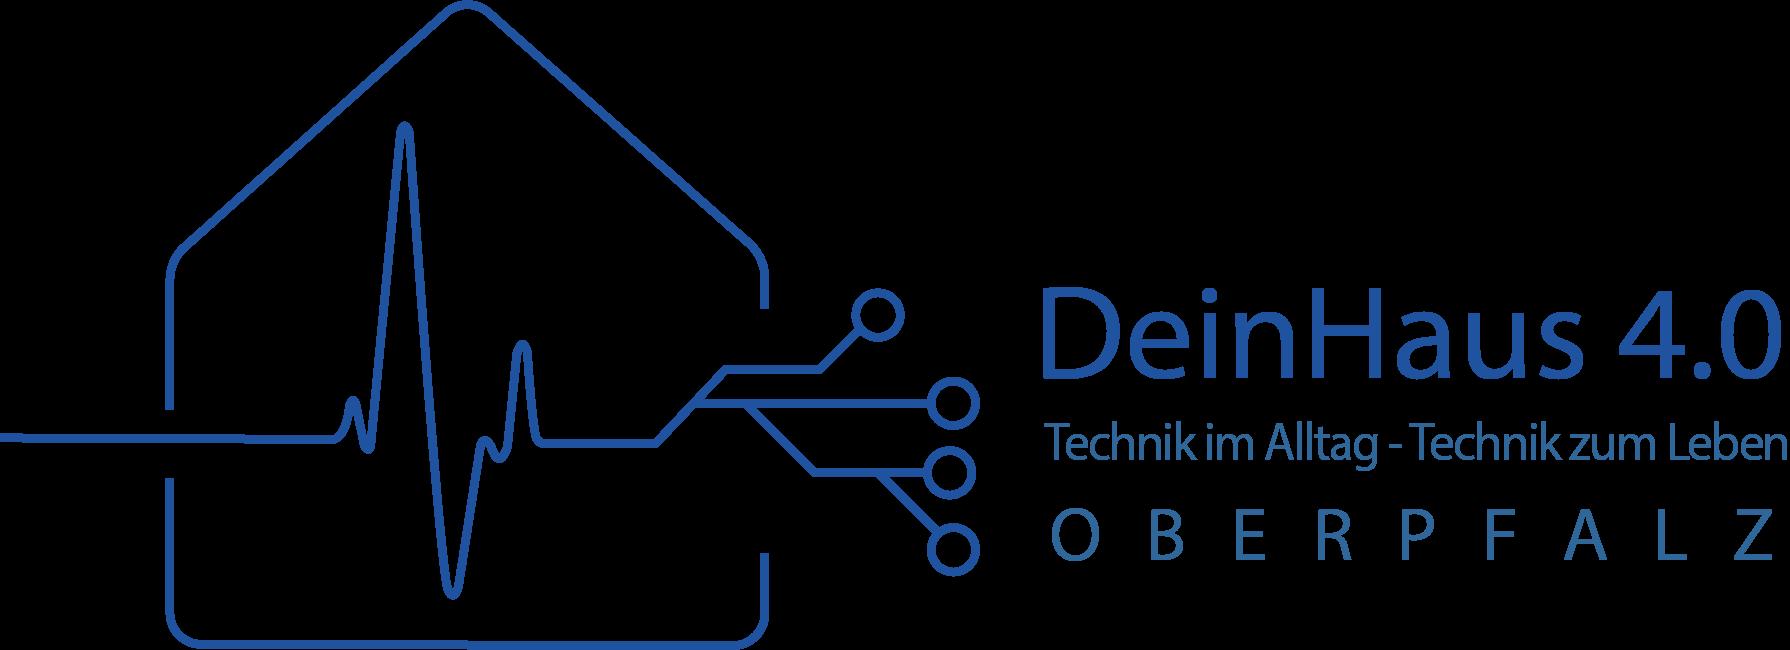 DeinHaus 4.0 – TePUS